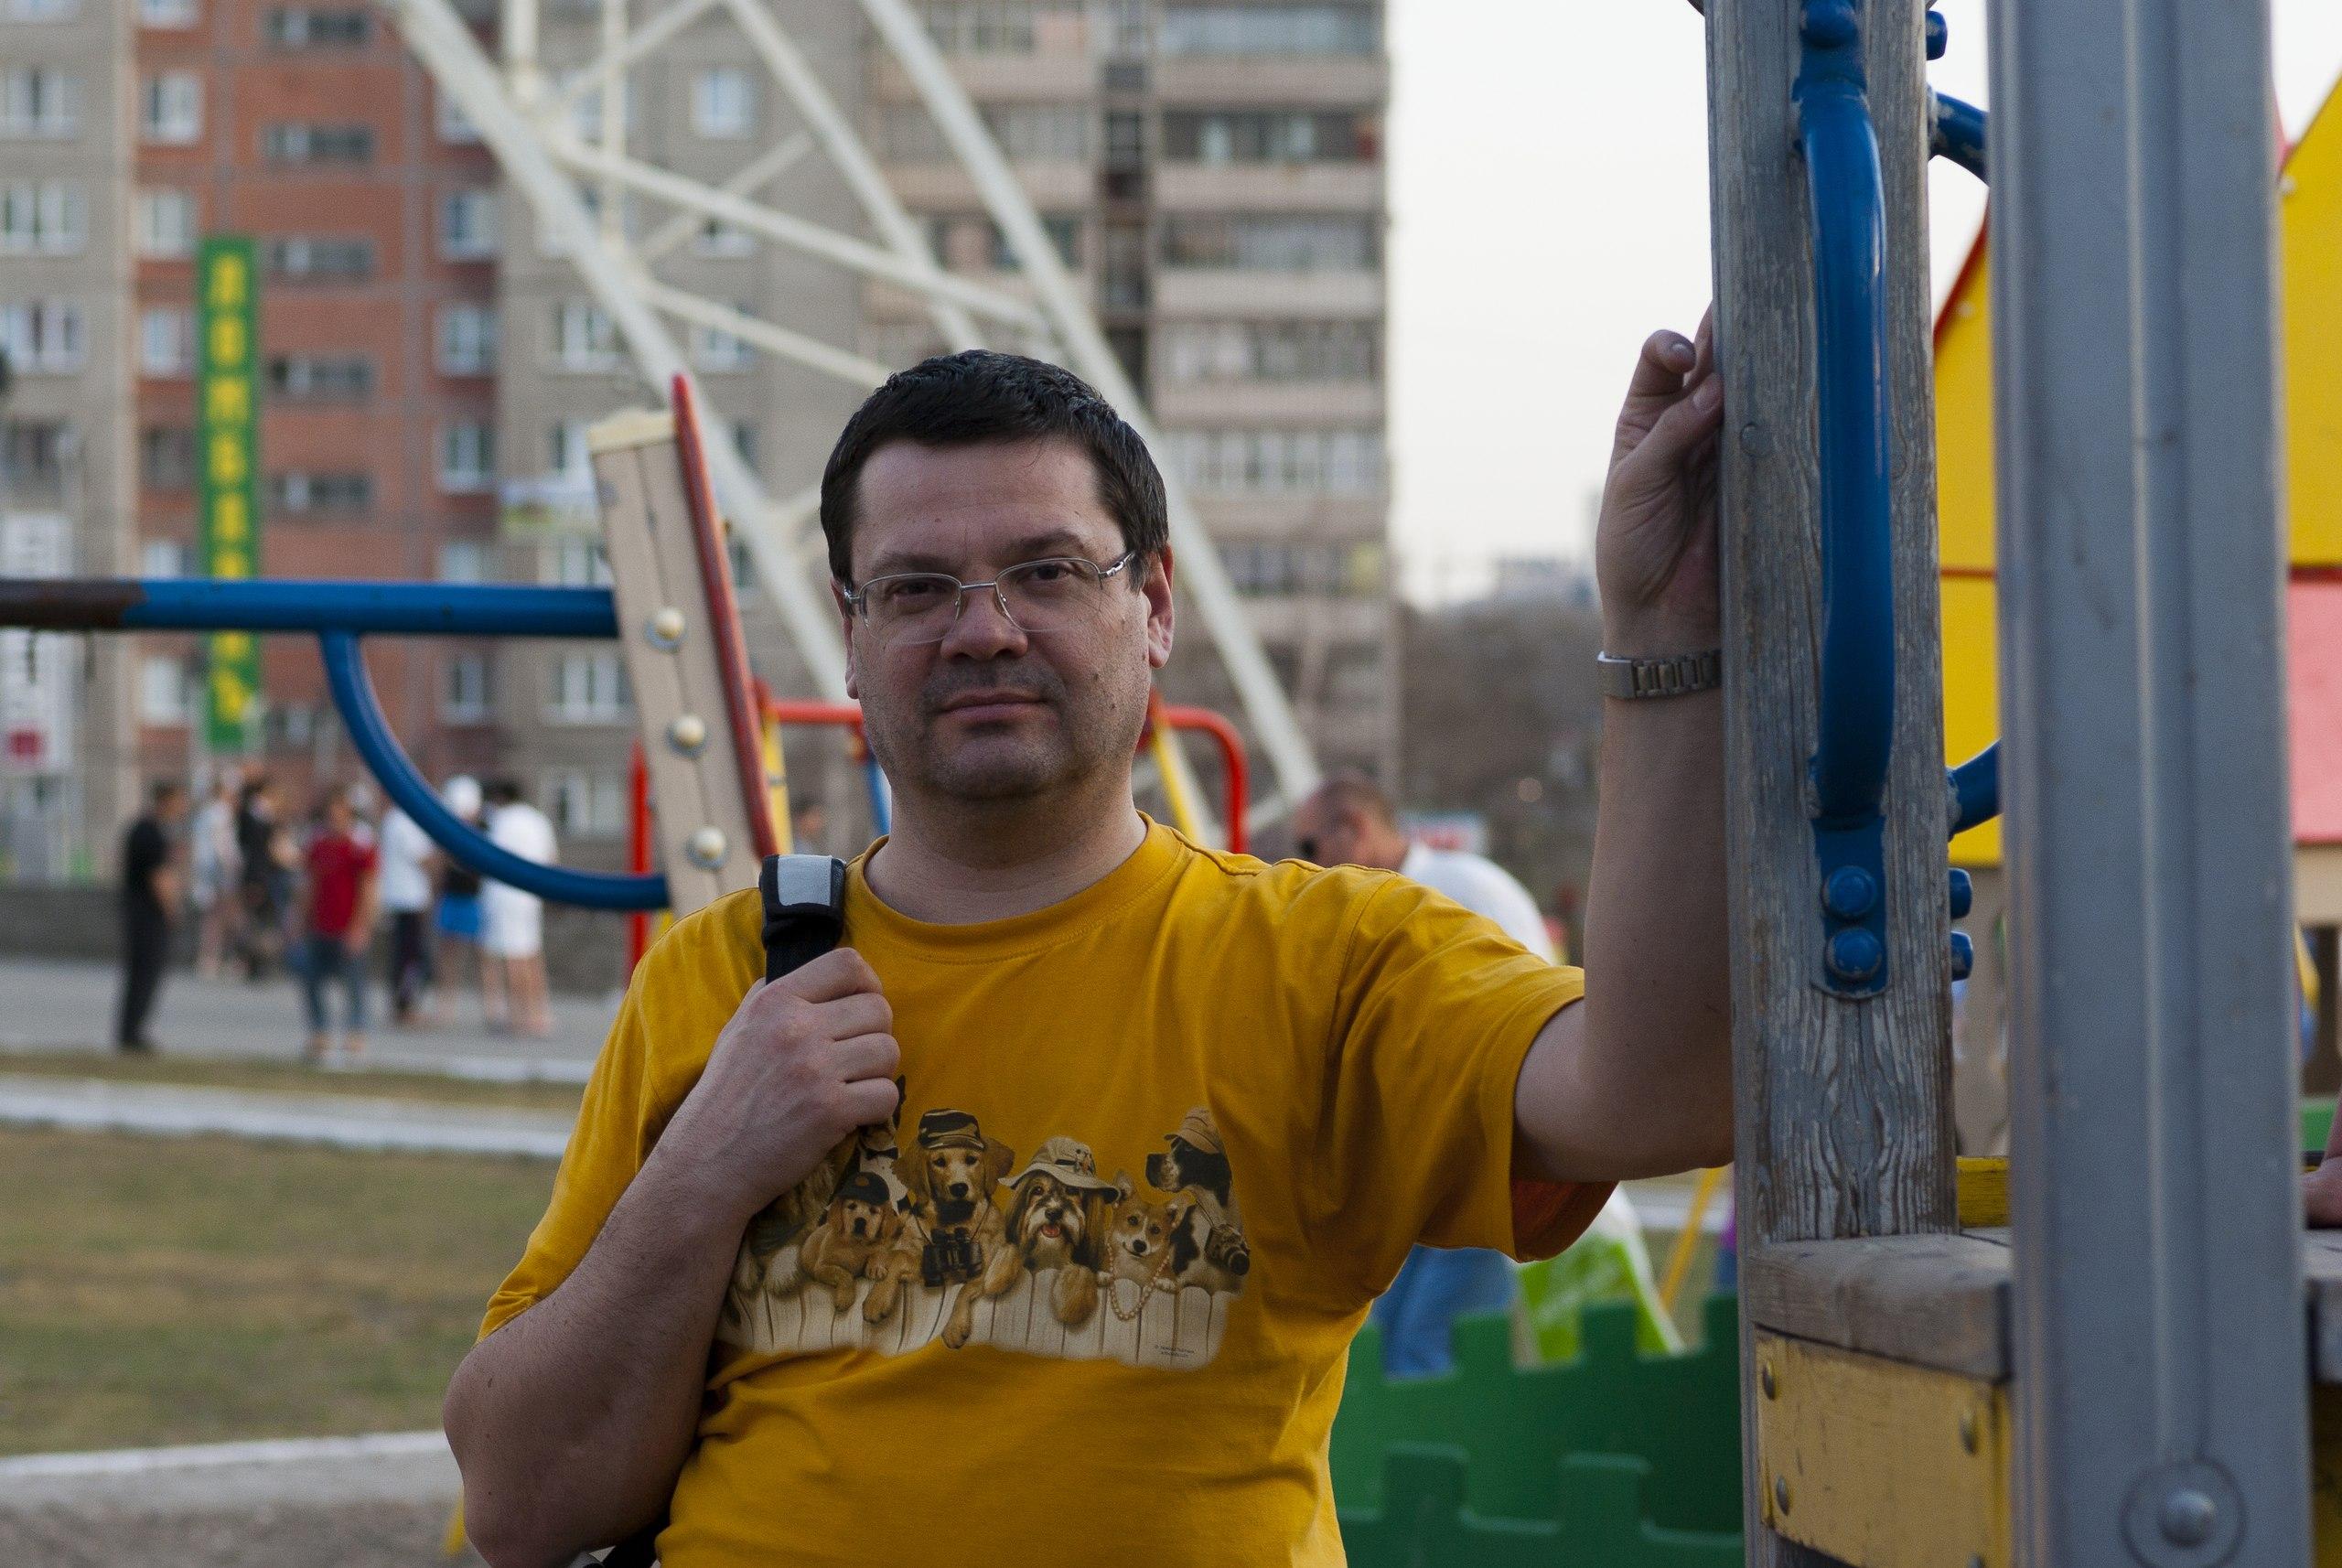 Об утрате доверия главой Магнитогорска Бердниковым Сергеем Николаевичем, энергосбережении в ЖКХ, коронавирусе и политике.